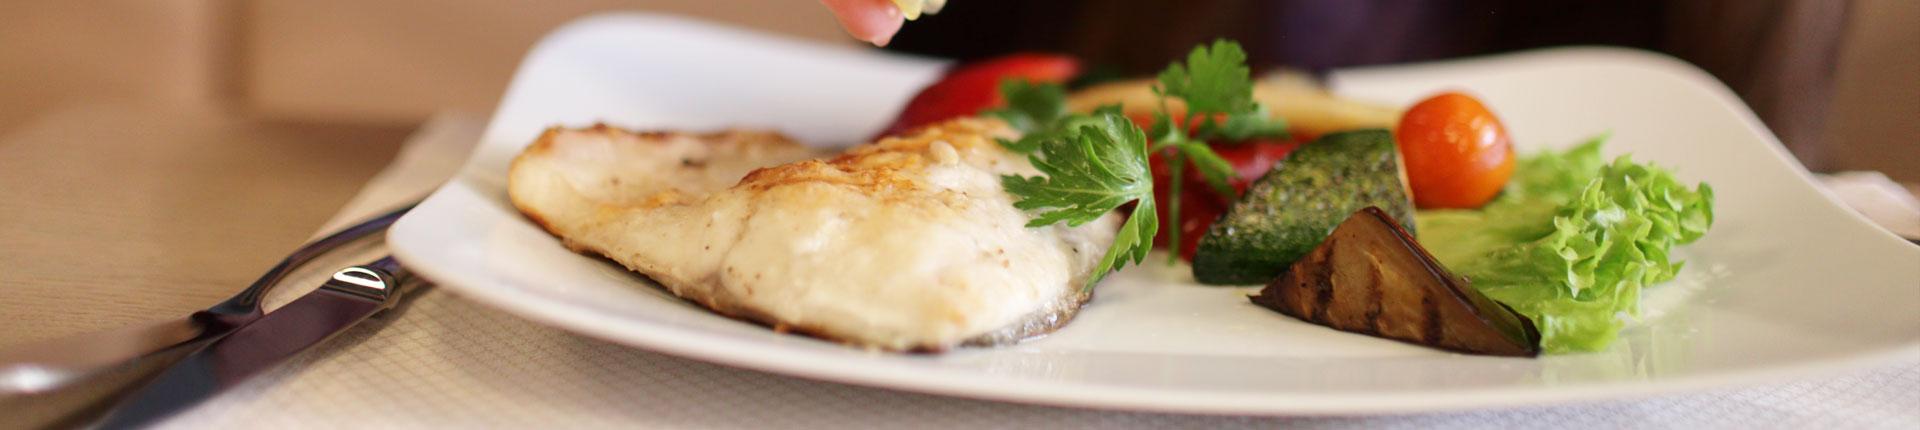 Dieta niskotłuszczowa to dobry pomysł? Zasady, zalety i wady